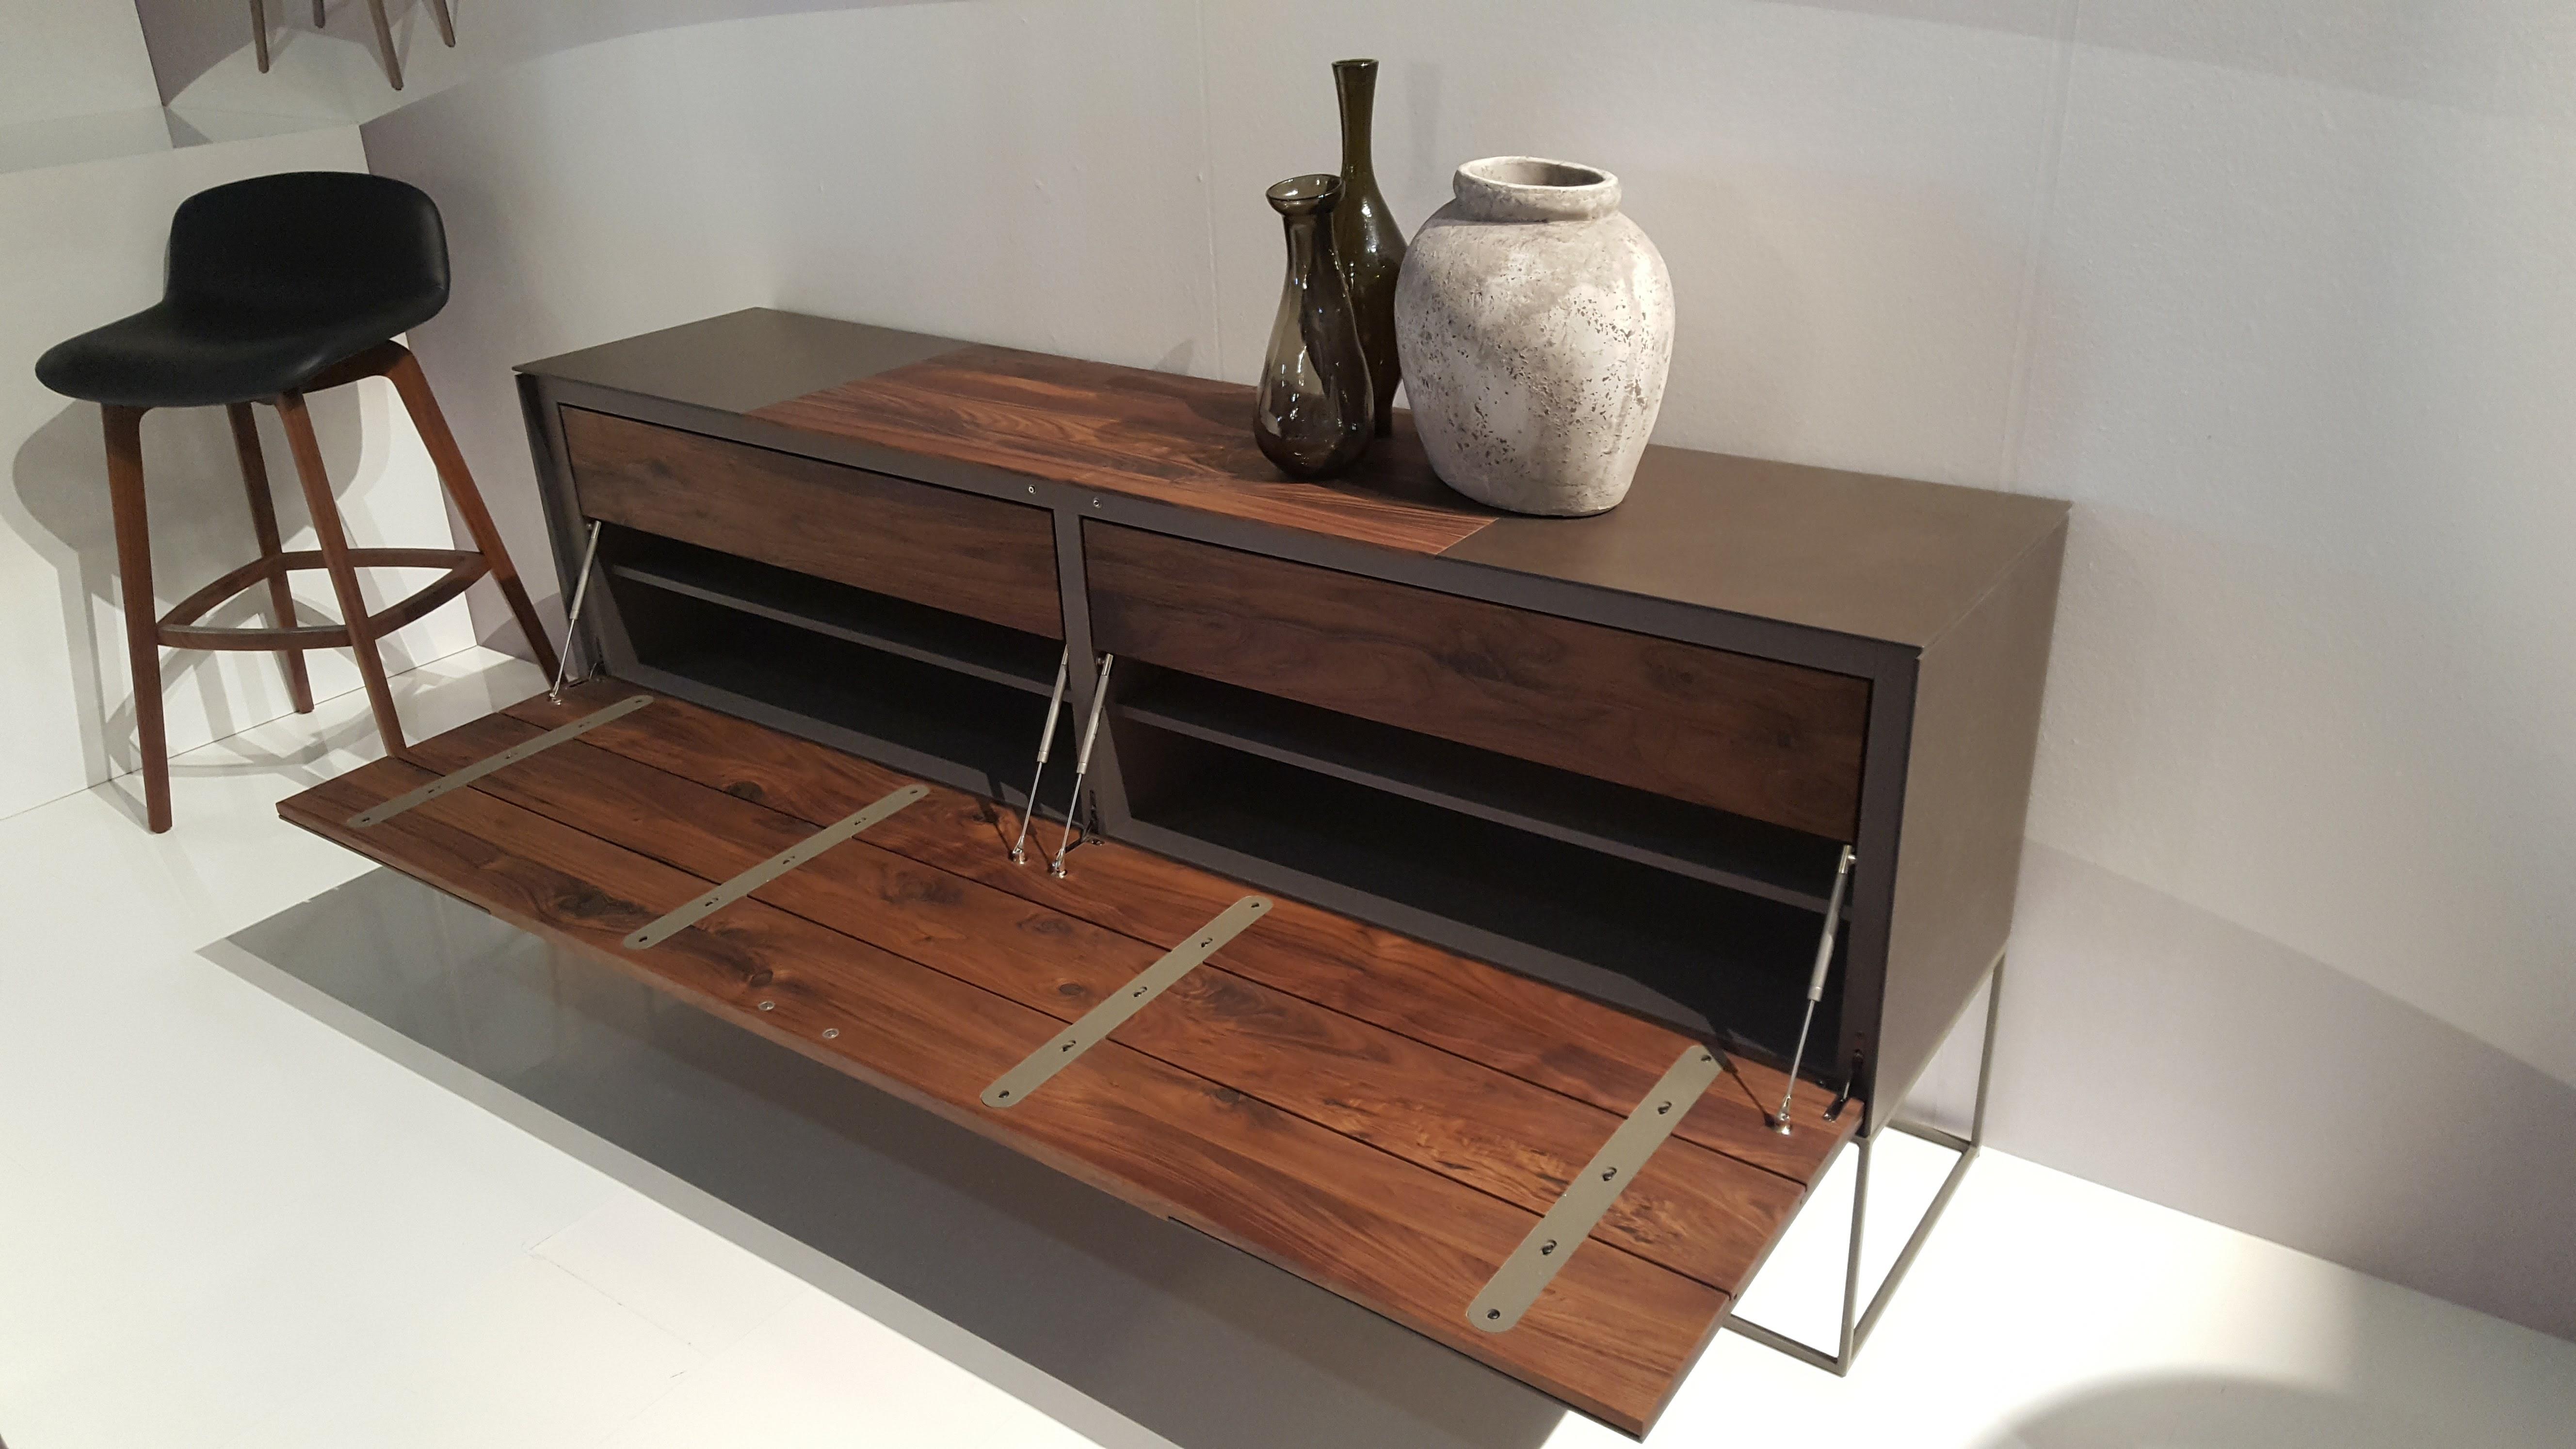 Mobili Bagno Con Legno Di Recupero : Mobili con legno di recupero. excellent porta tv in legno di